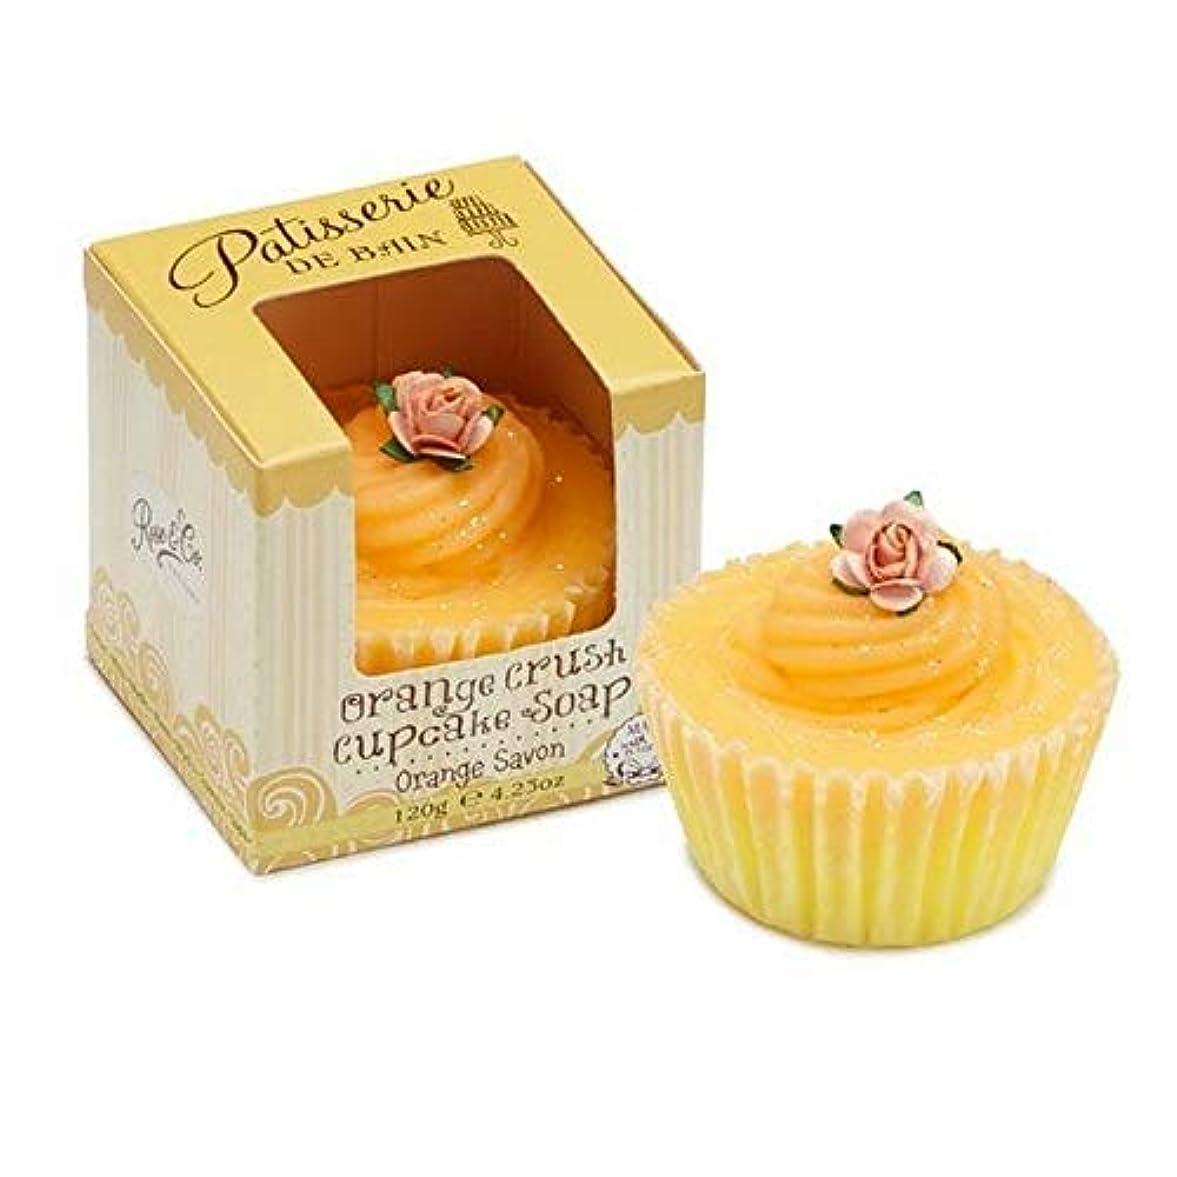 測定見える合体[Patisserie de Bain ] パティスリー?ド?ベインオレンジクラッシュカップケーキソープ120グラム - Patisserie de Bain Orange Crush Cupcake soap 120g...